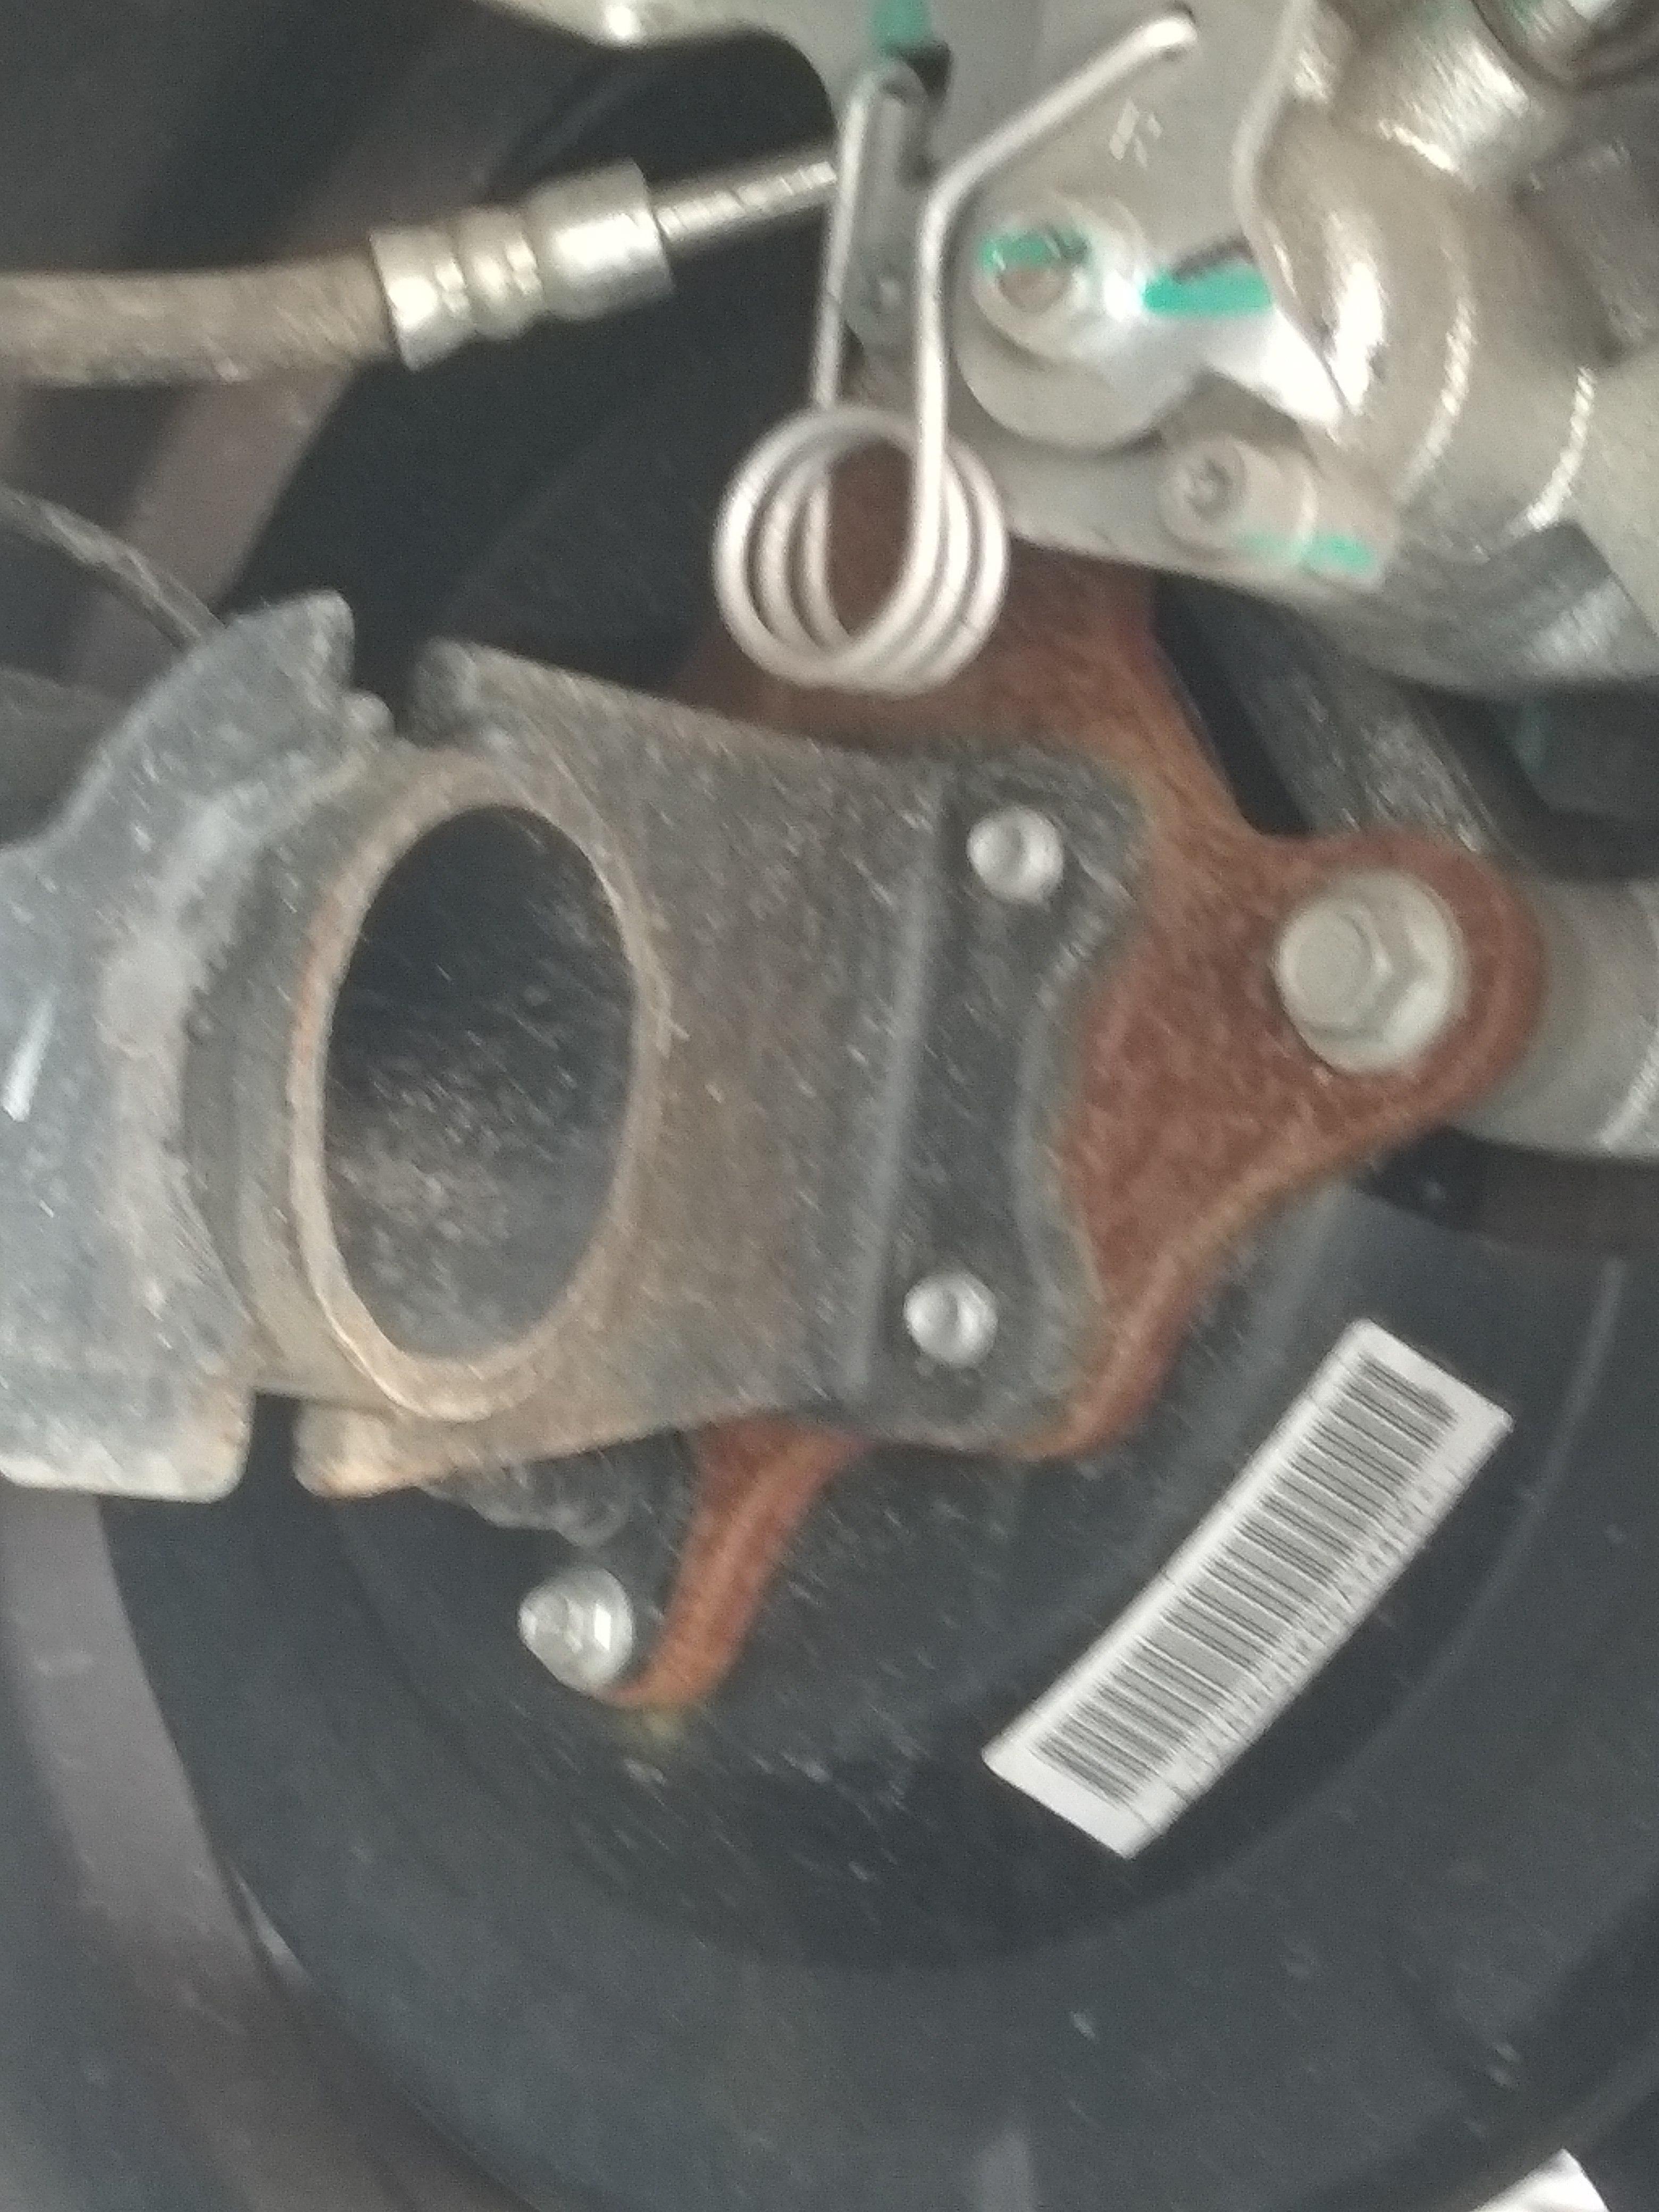 奇瑞汽車-瑞虎3X 車輛生銹,噪音問題